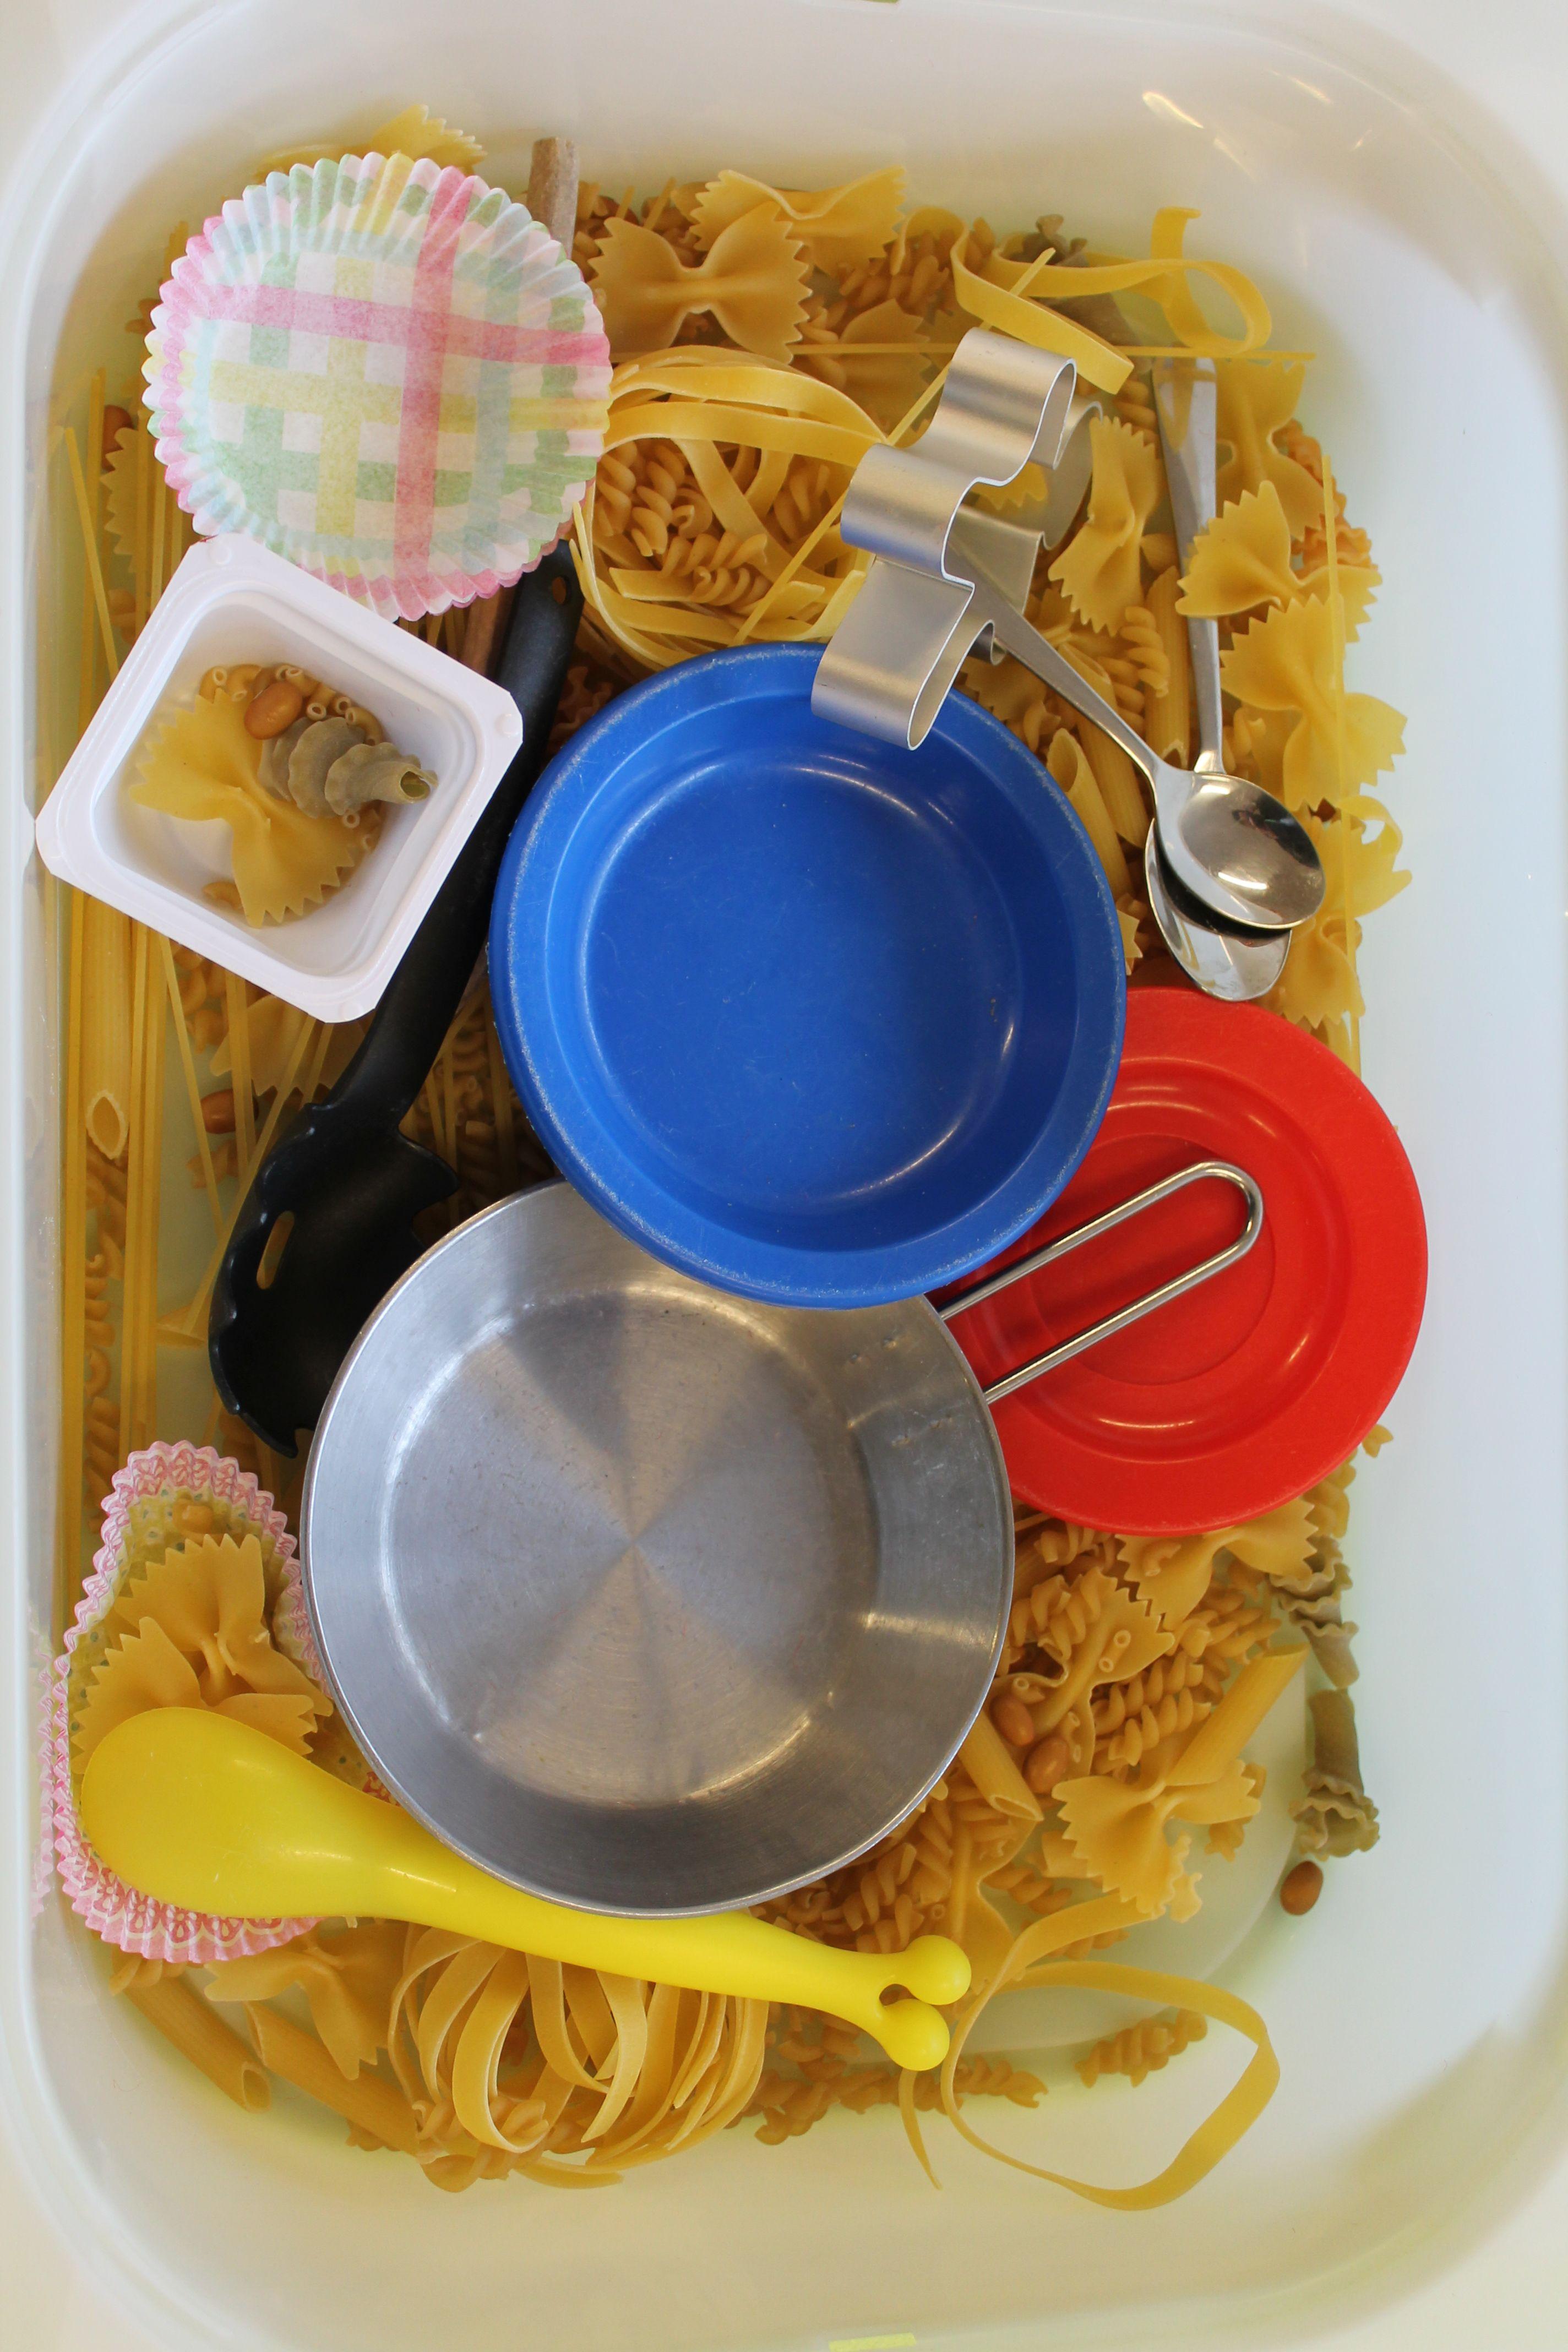 Ontdekken thema: koken / bakken / pasta / eten